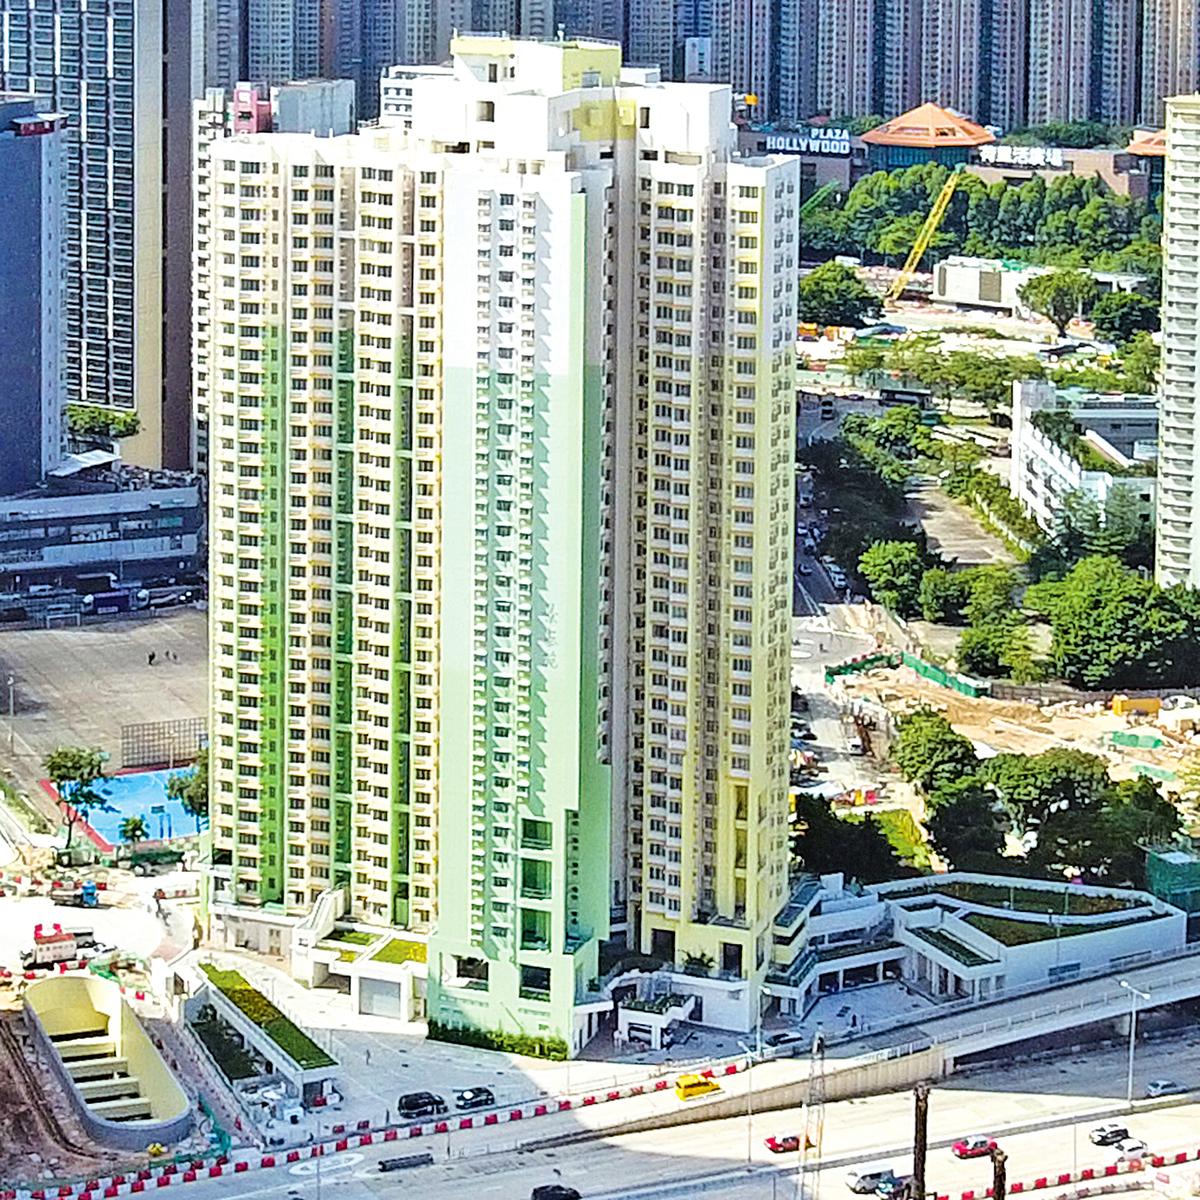 位於新蒲崗至今唯一綠置居項目「景泰苑」。(Wpcpey/維基百科)